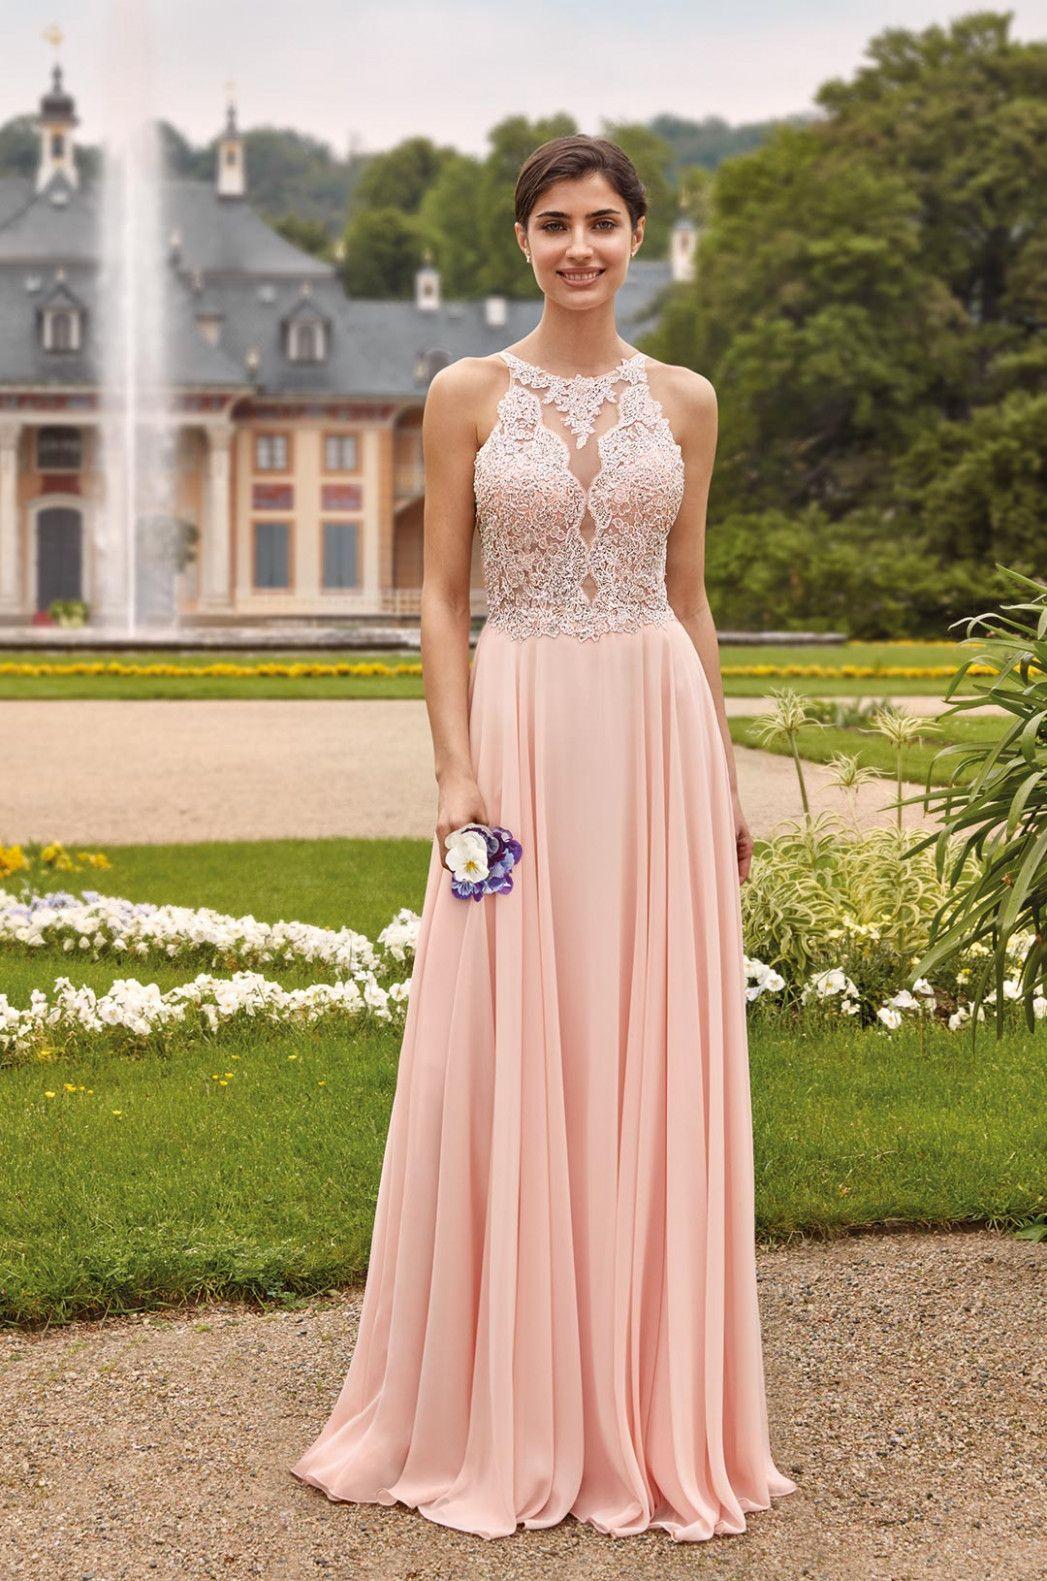 13 Abendkleider Hannover In 2020 Abendkleid Festliche Kleider Kleider